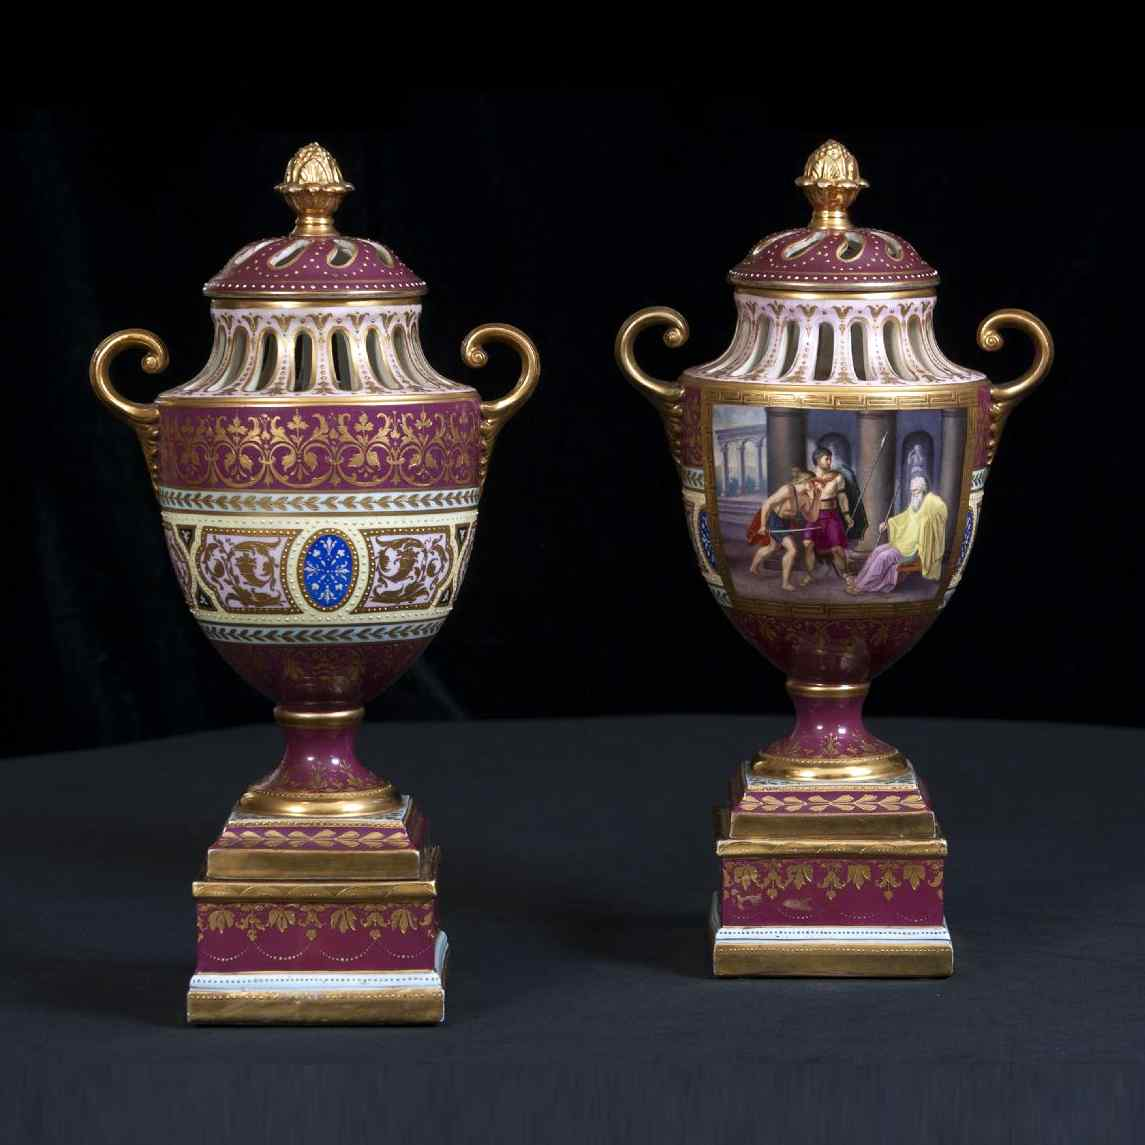 Пара изготовления девятнадцатого века вазы Вены рано